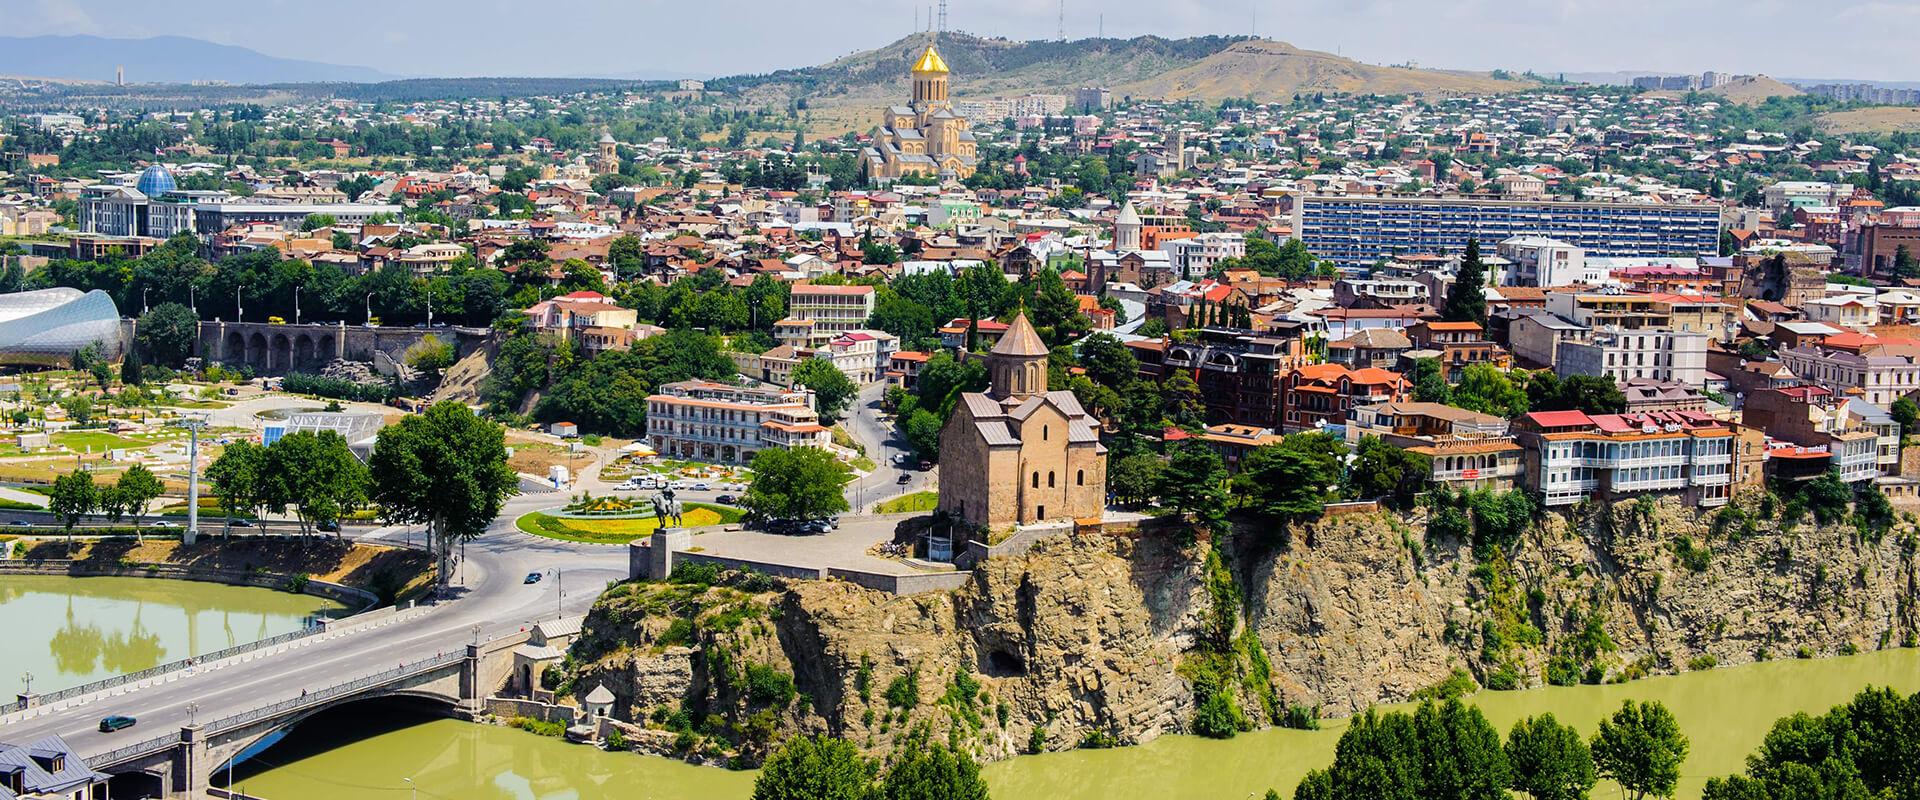 ما يجب ان تعرفه قبل السفر الي اذربيجان